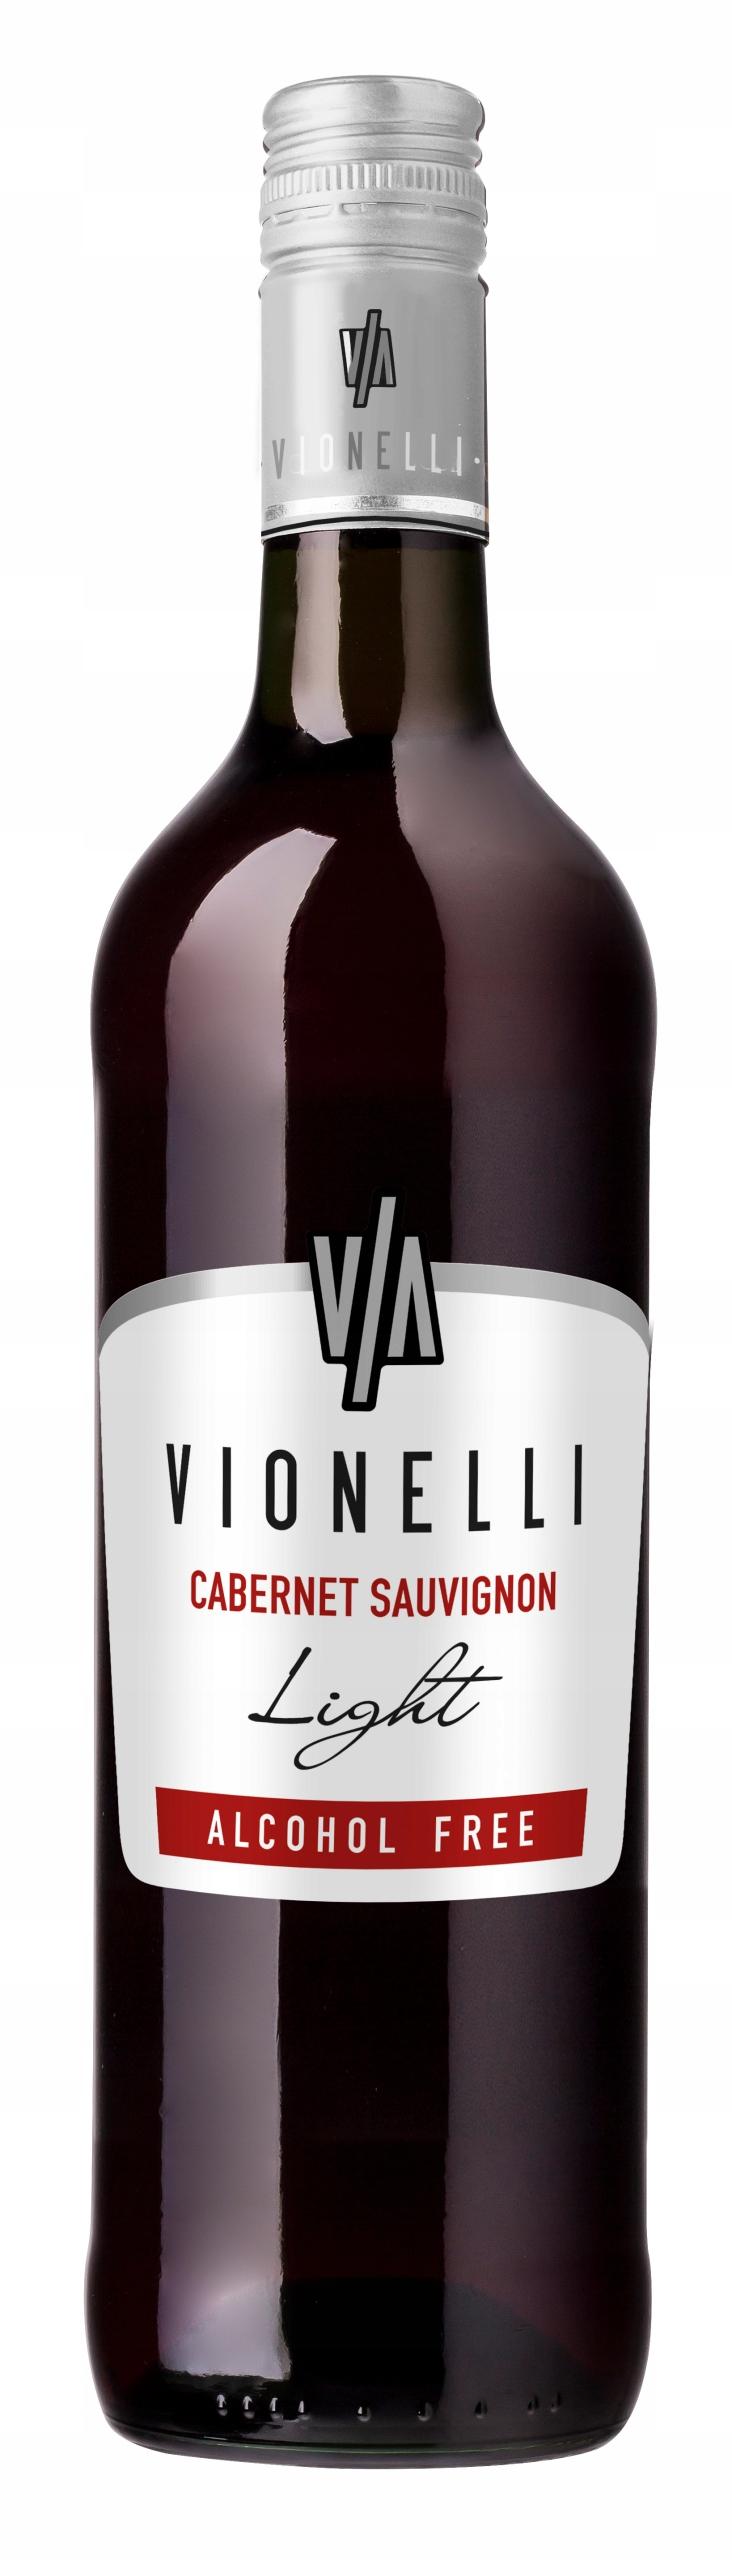 Итальянское вино Vionelli Cab. Совиньон безалкогольный